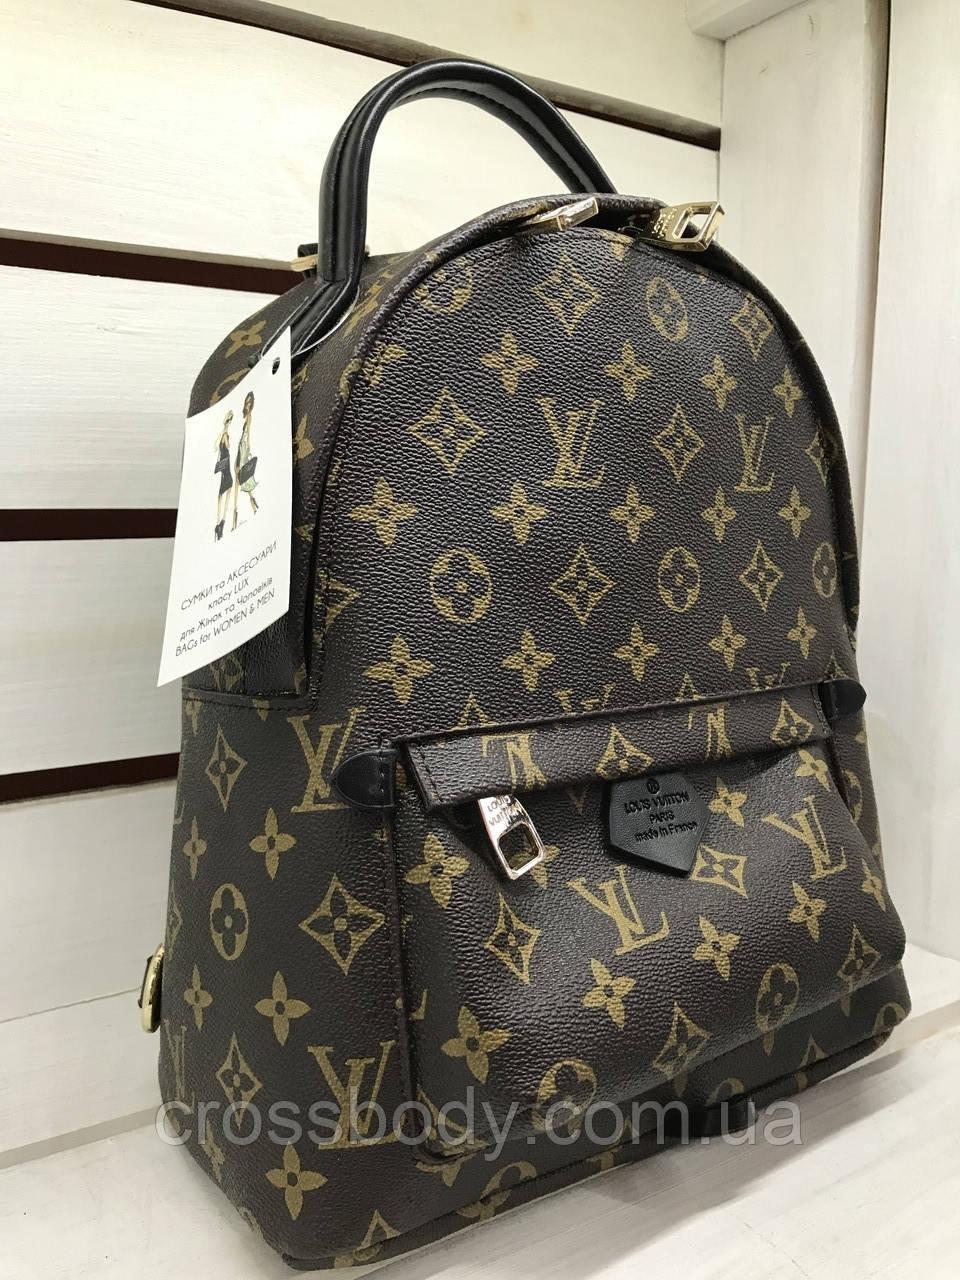 18533073cfe3 Женский городской Рюкзак Louis Vuitton в стиле - Интернет - магазин